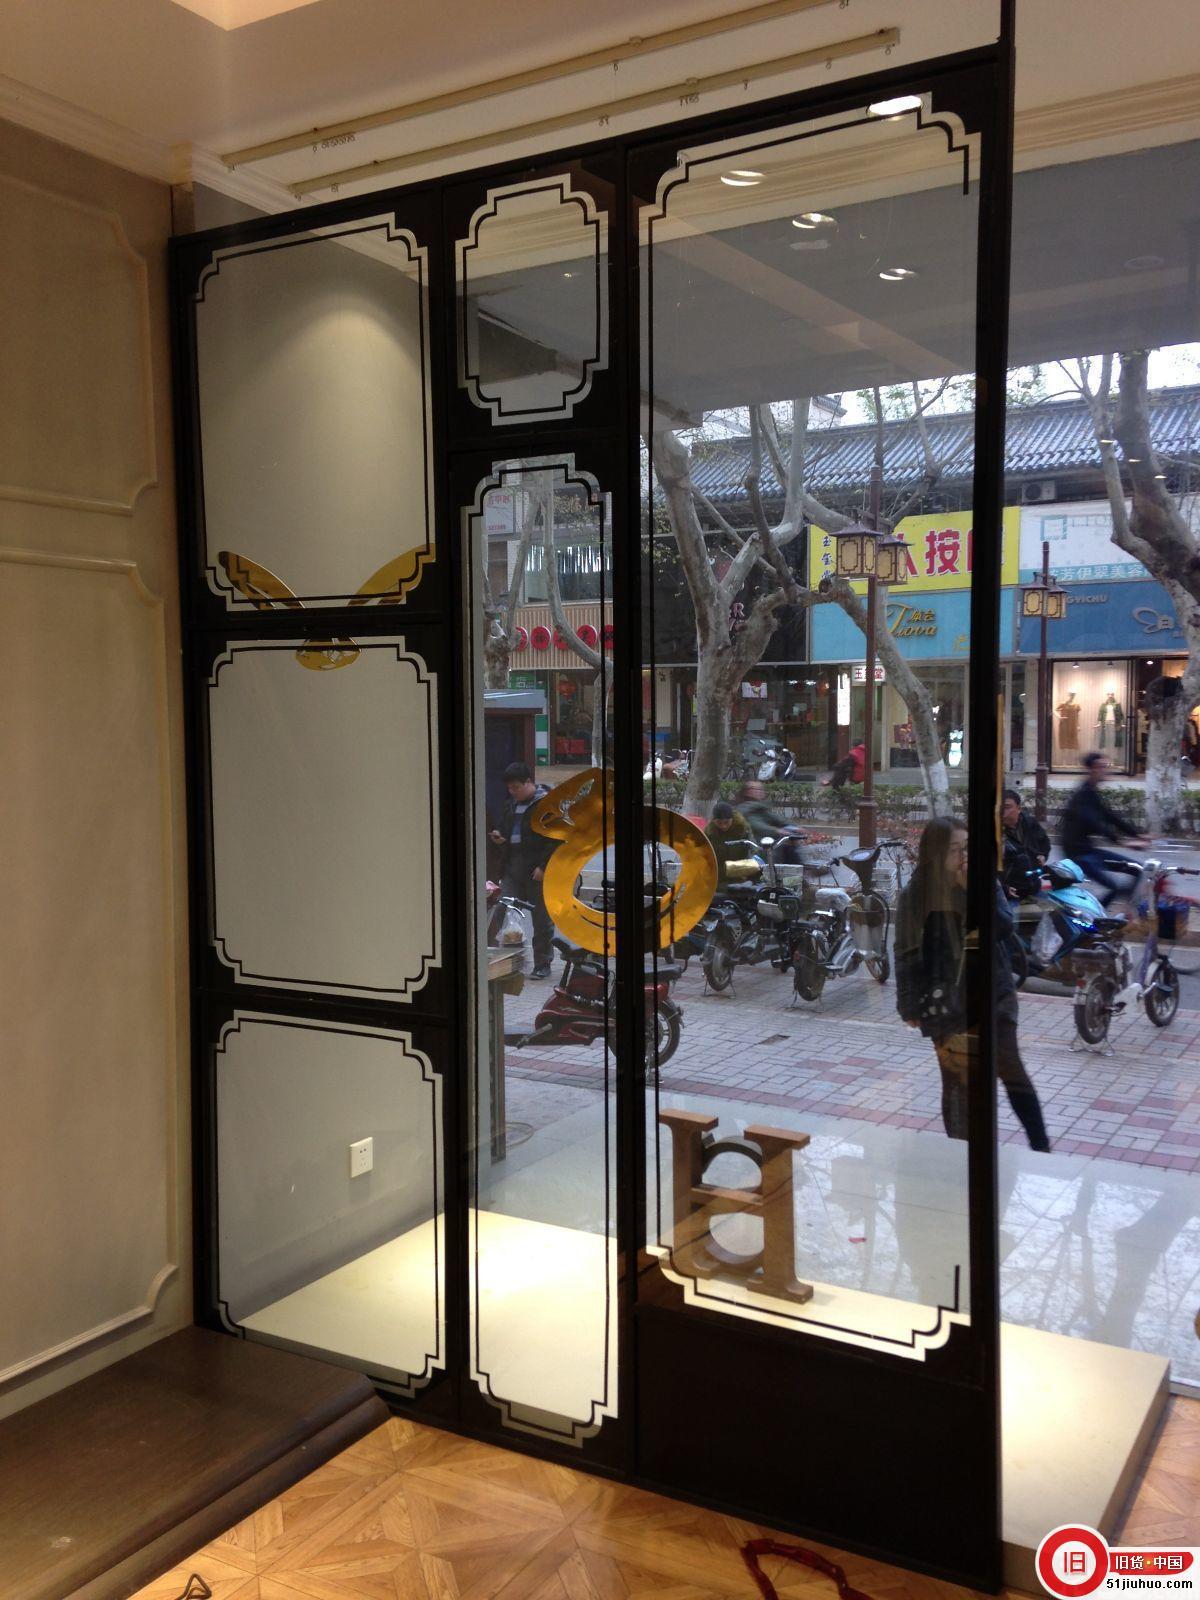 服装店出售模特衣架屏风玻璃橱窗试衣镜等价格面议